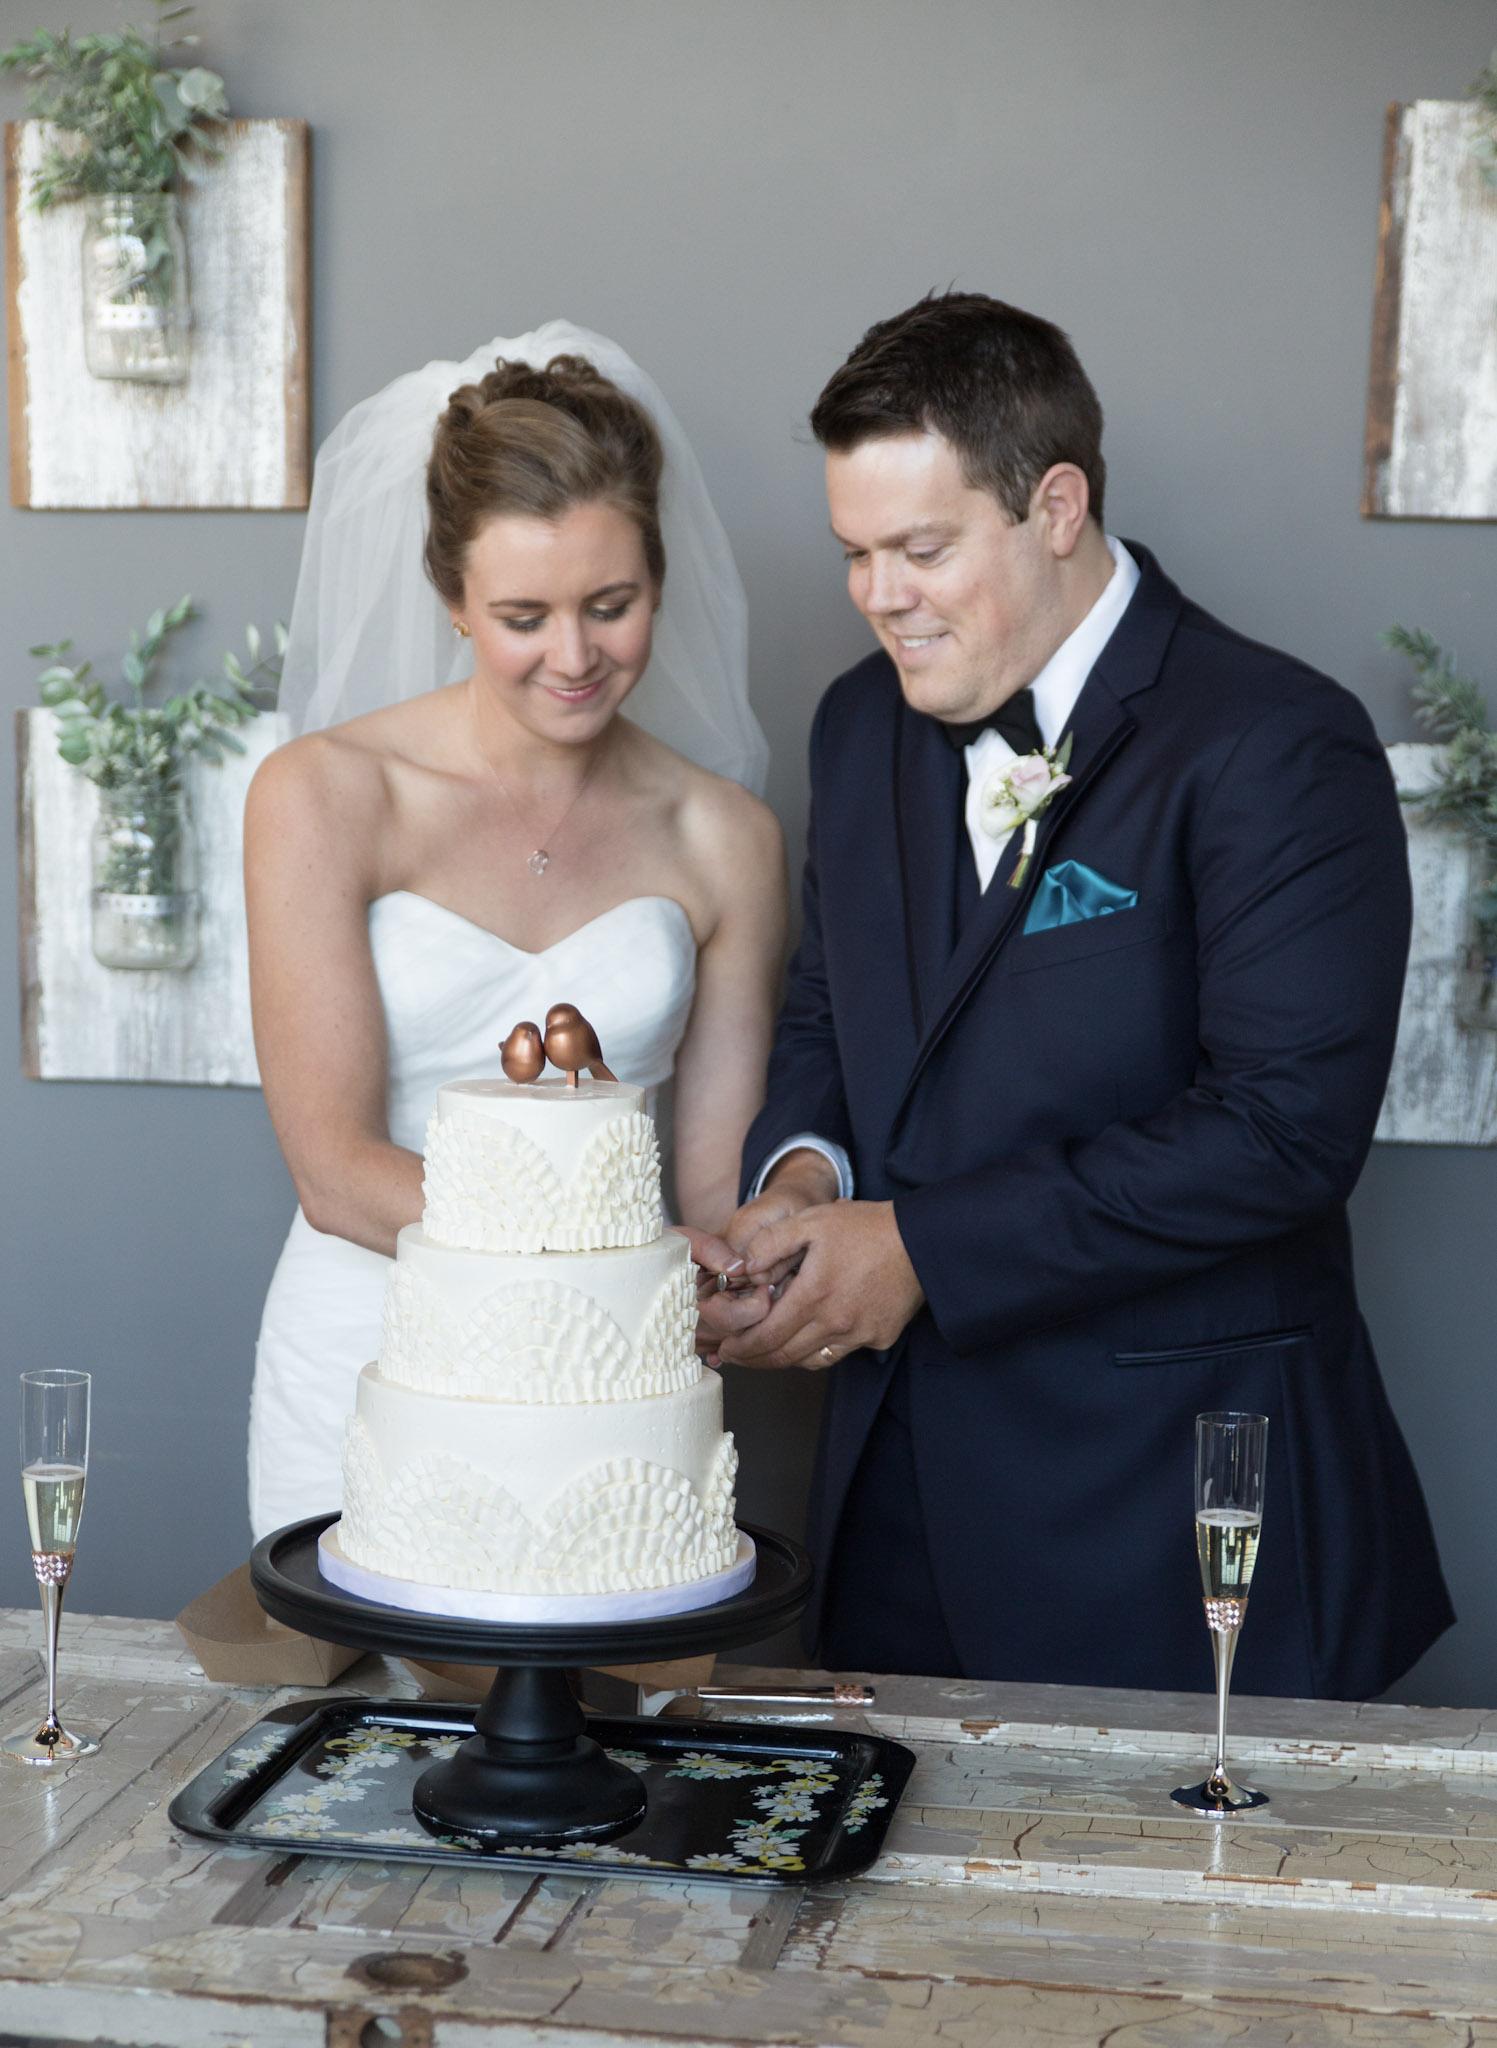 Kansas_City_Small_Intimate_Budget_Wedding_Venue_TVX_C&M_2.27_420.jpg